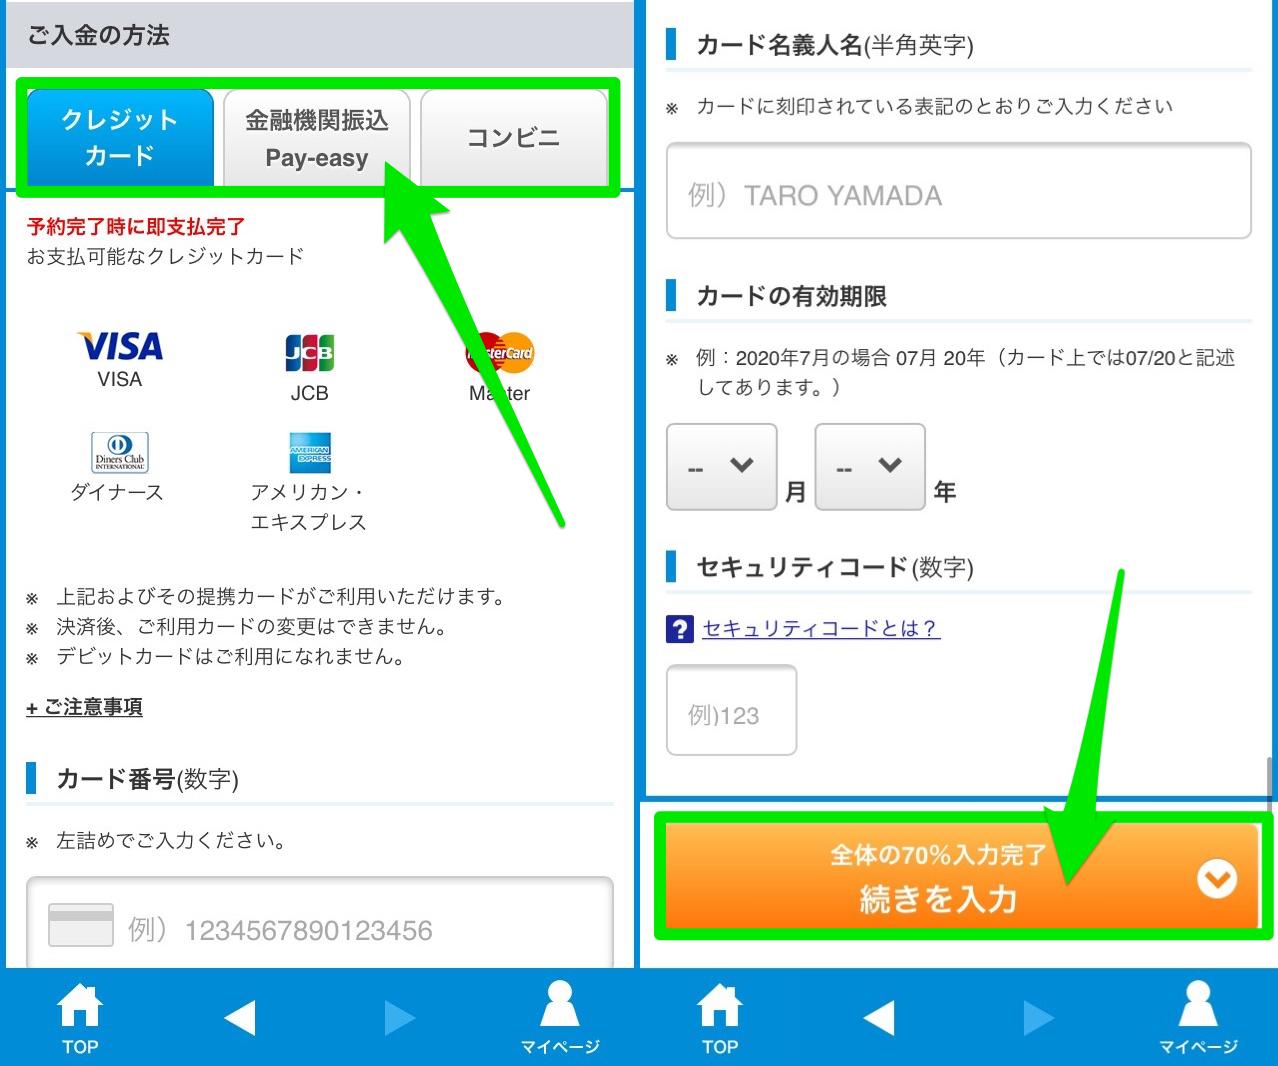 DeNAトラベルアプリの海外ホテル予約で支払い方法を入力